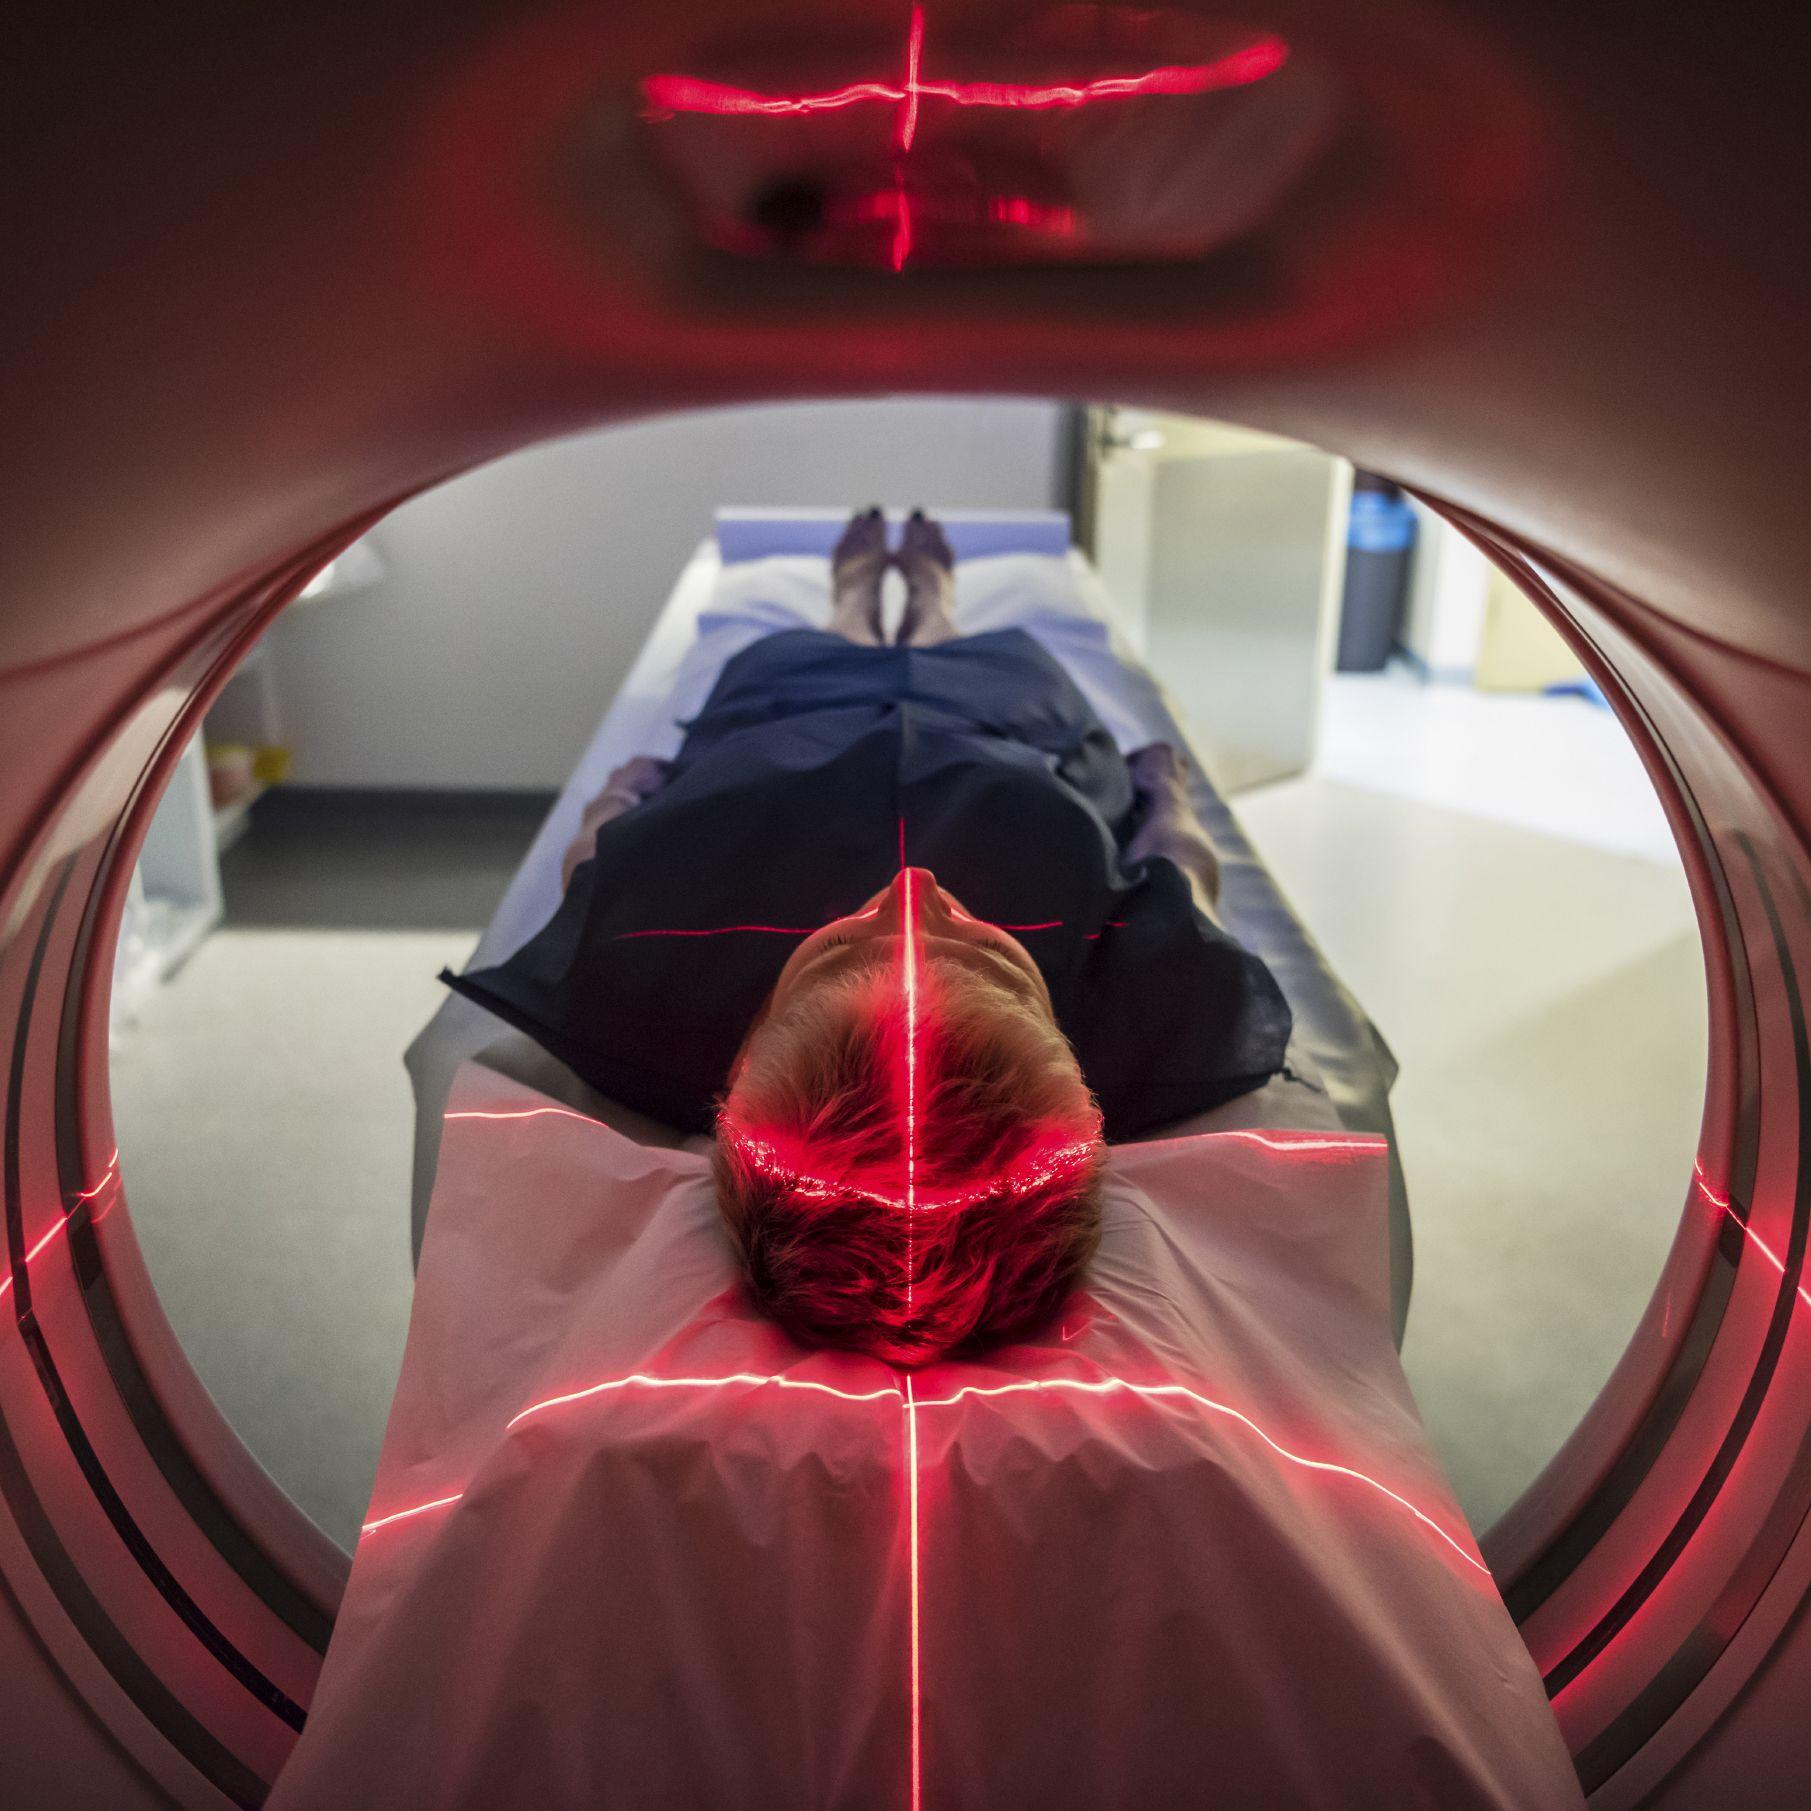 Man undergoing MRI